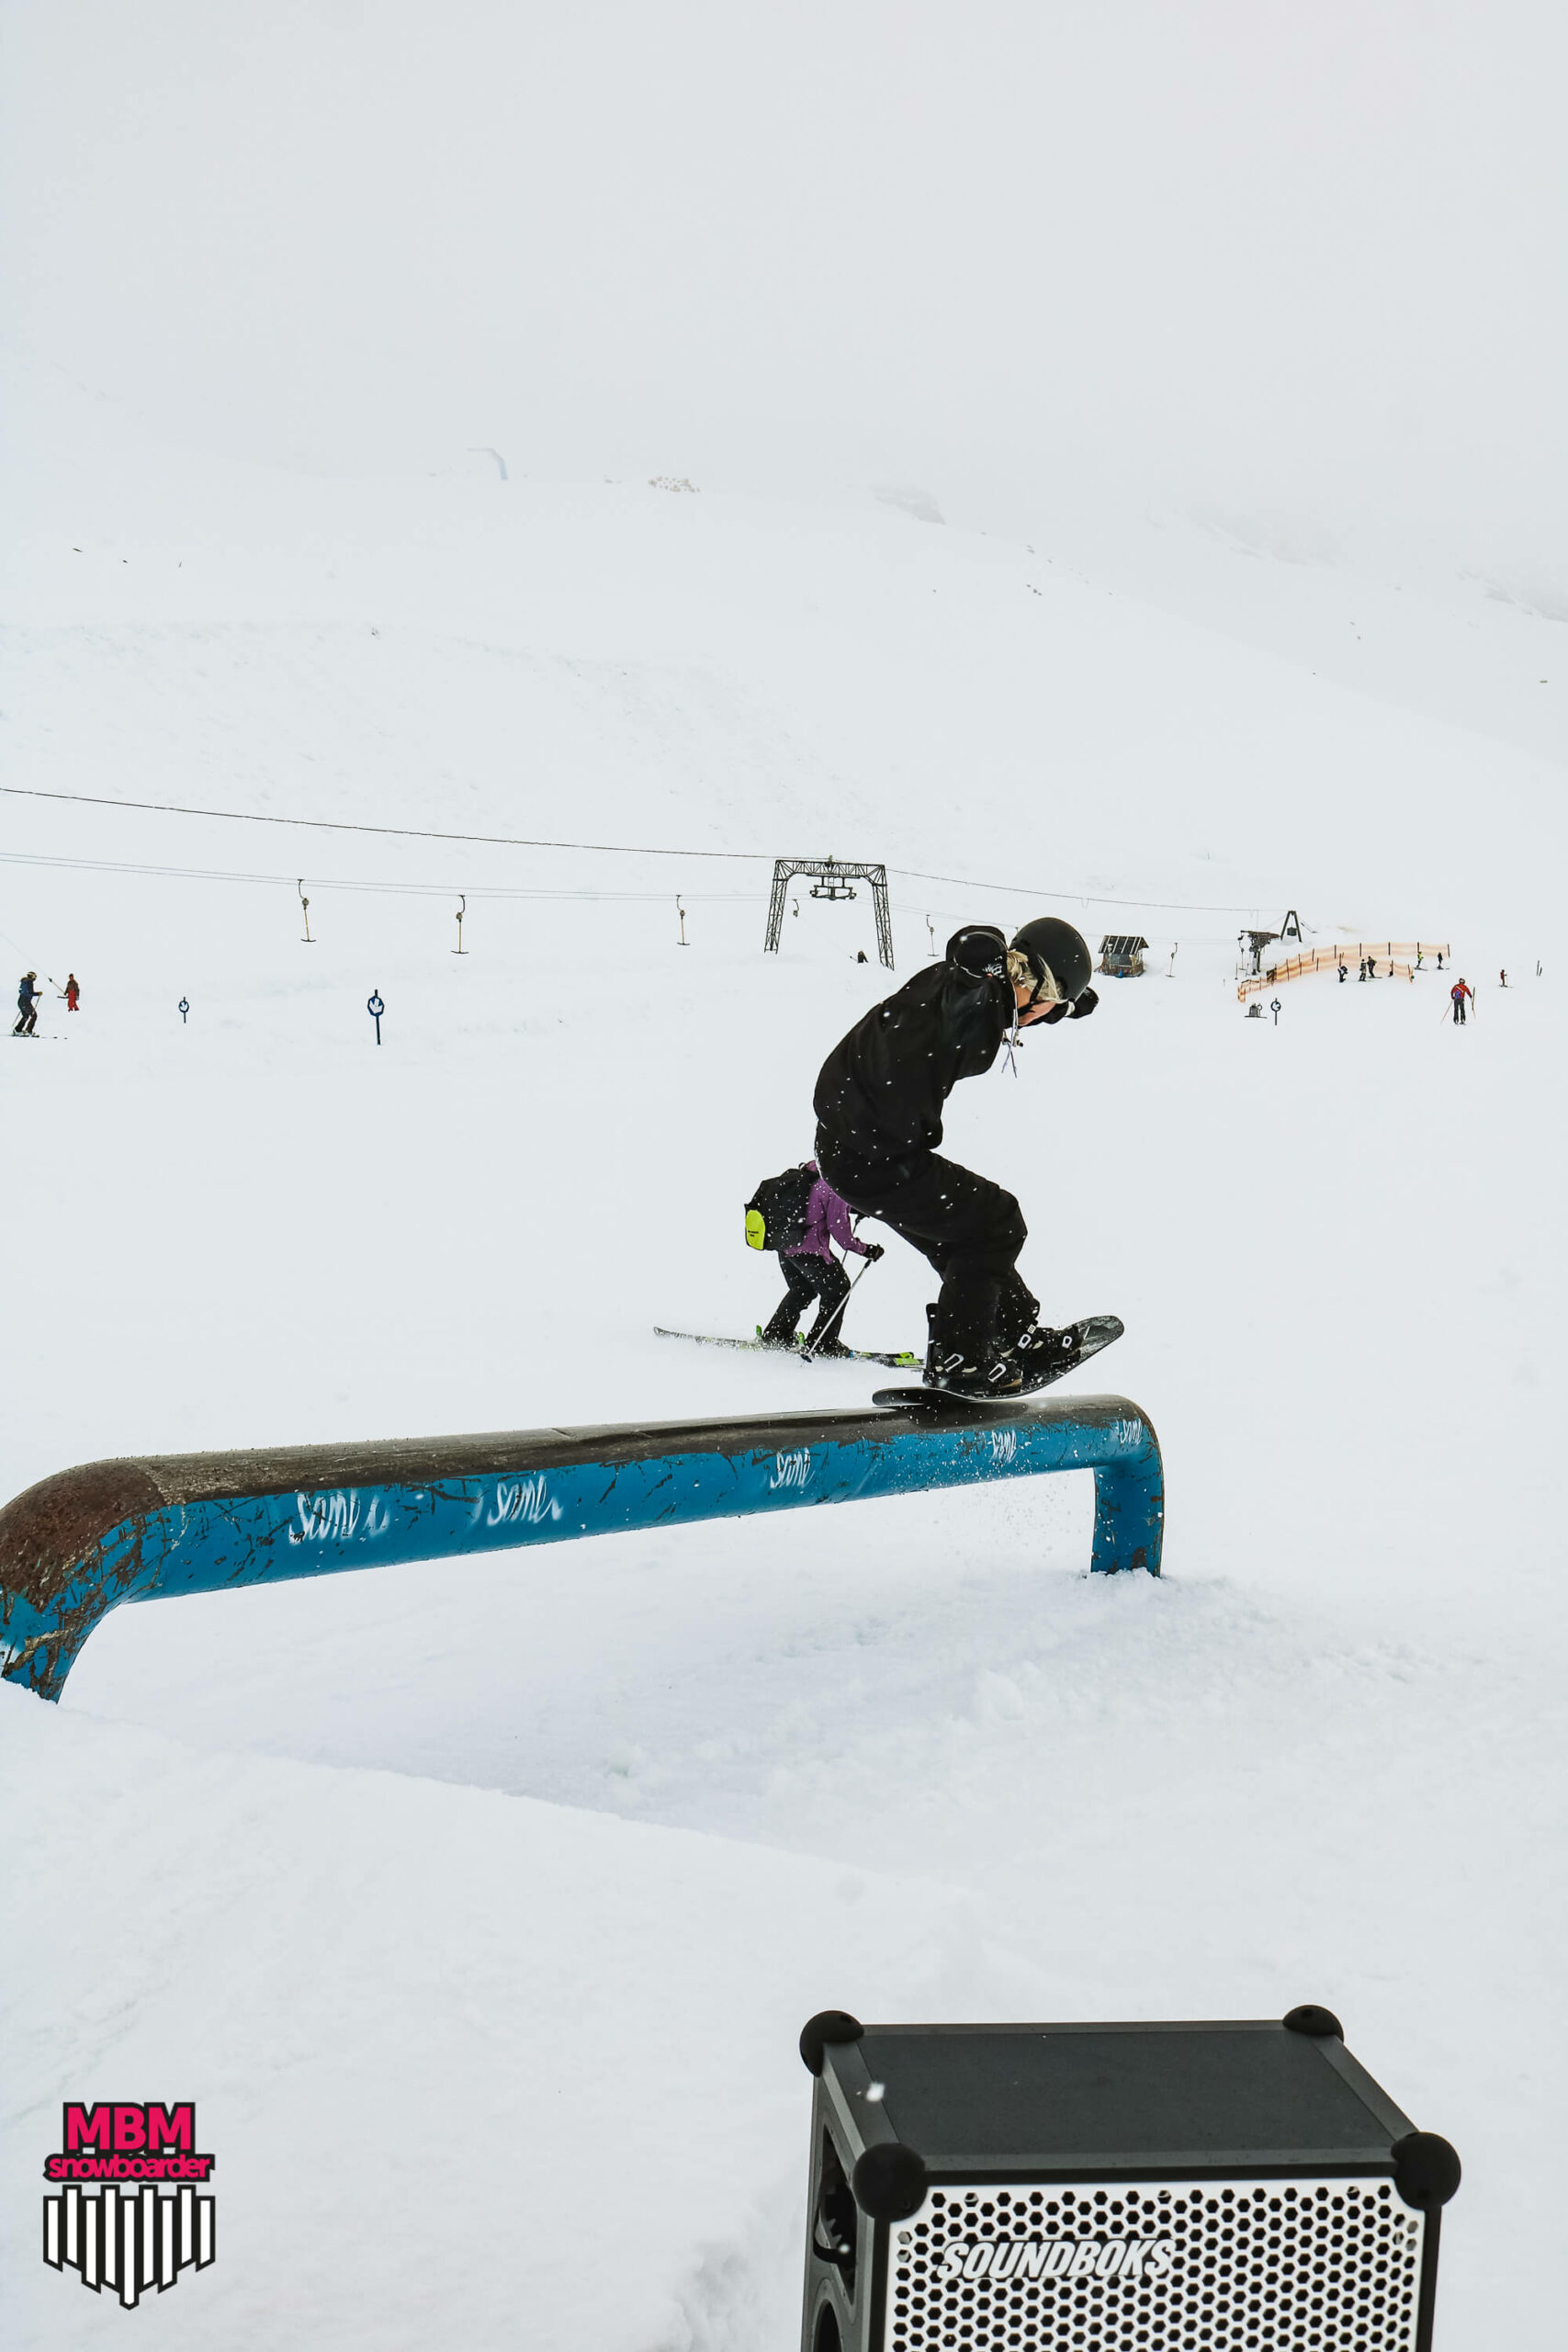 snowboarderMBM_sd_kaunertal_123